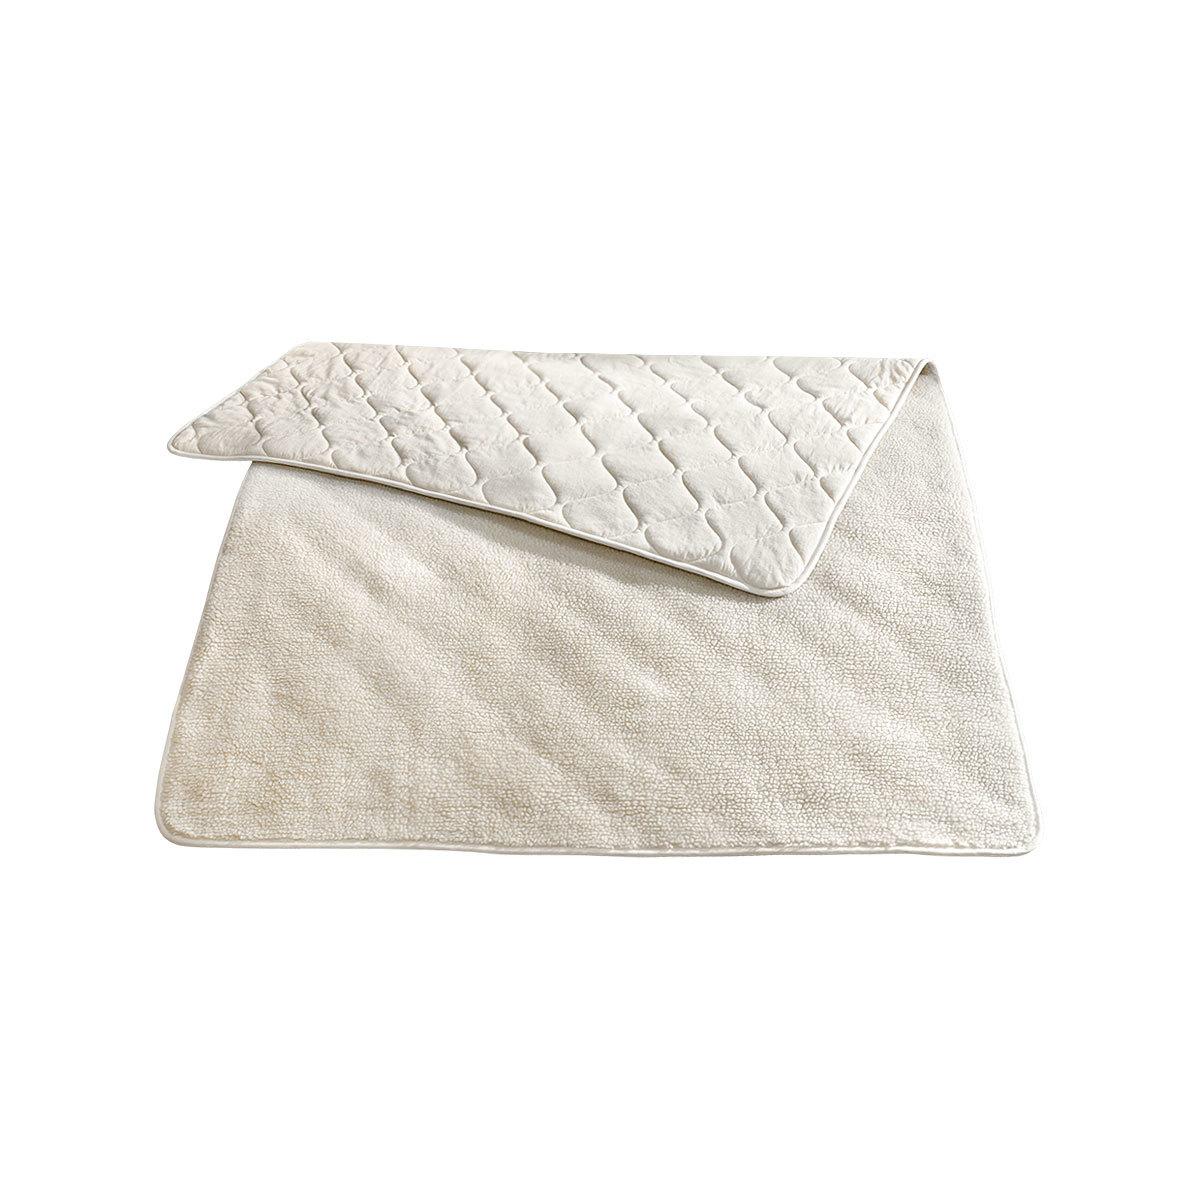 Traumschlaf Kuschelflor, Lammflor-Immitat Bettdecke